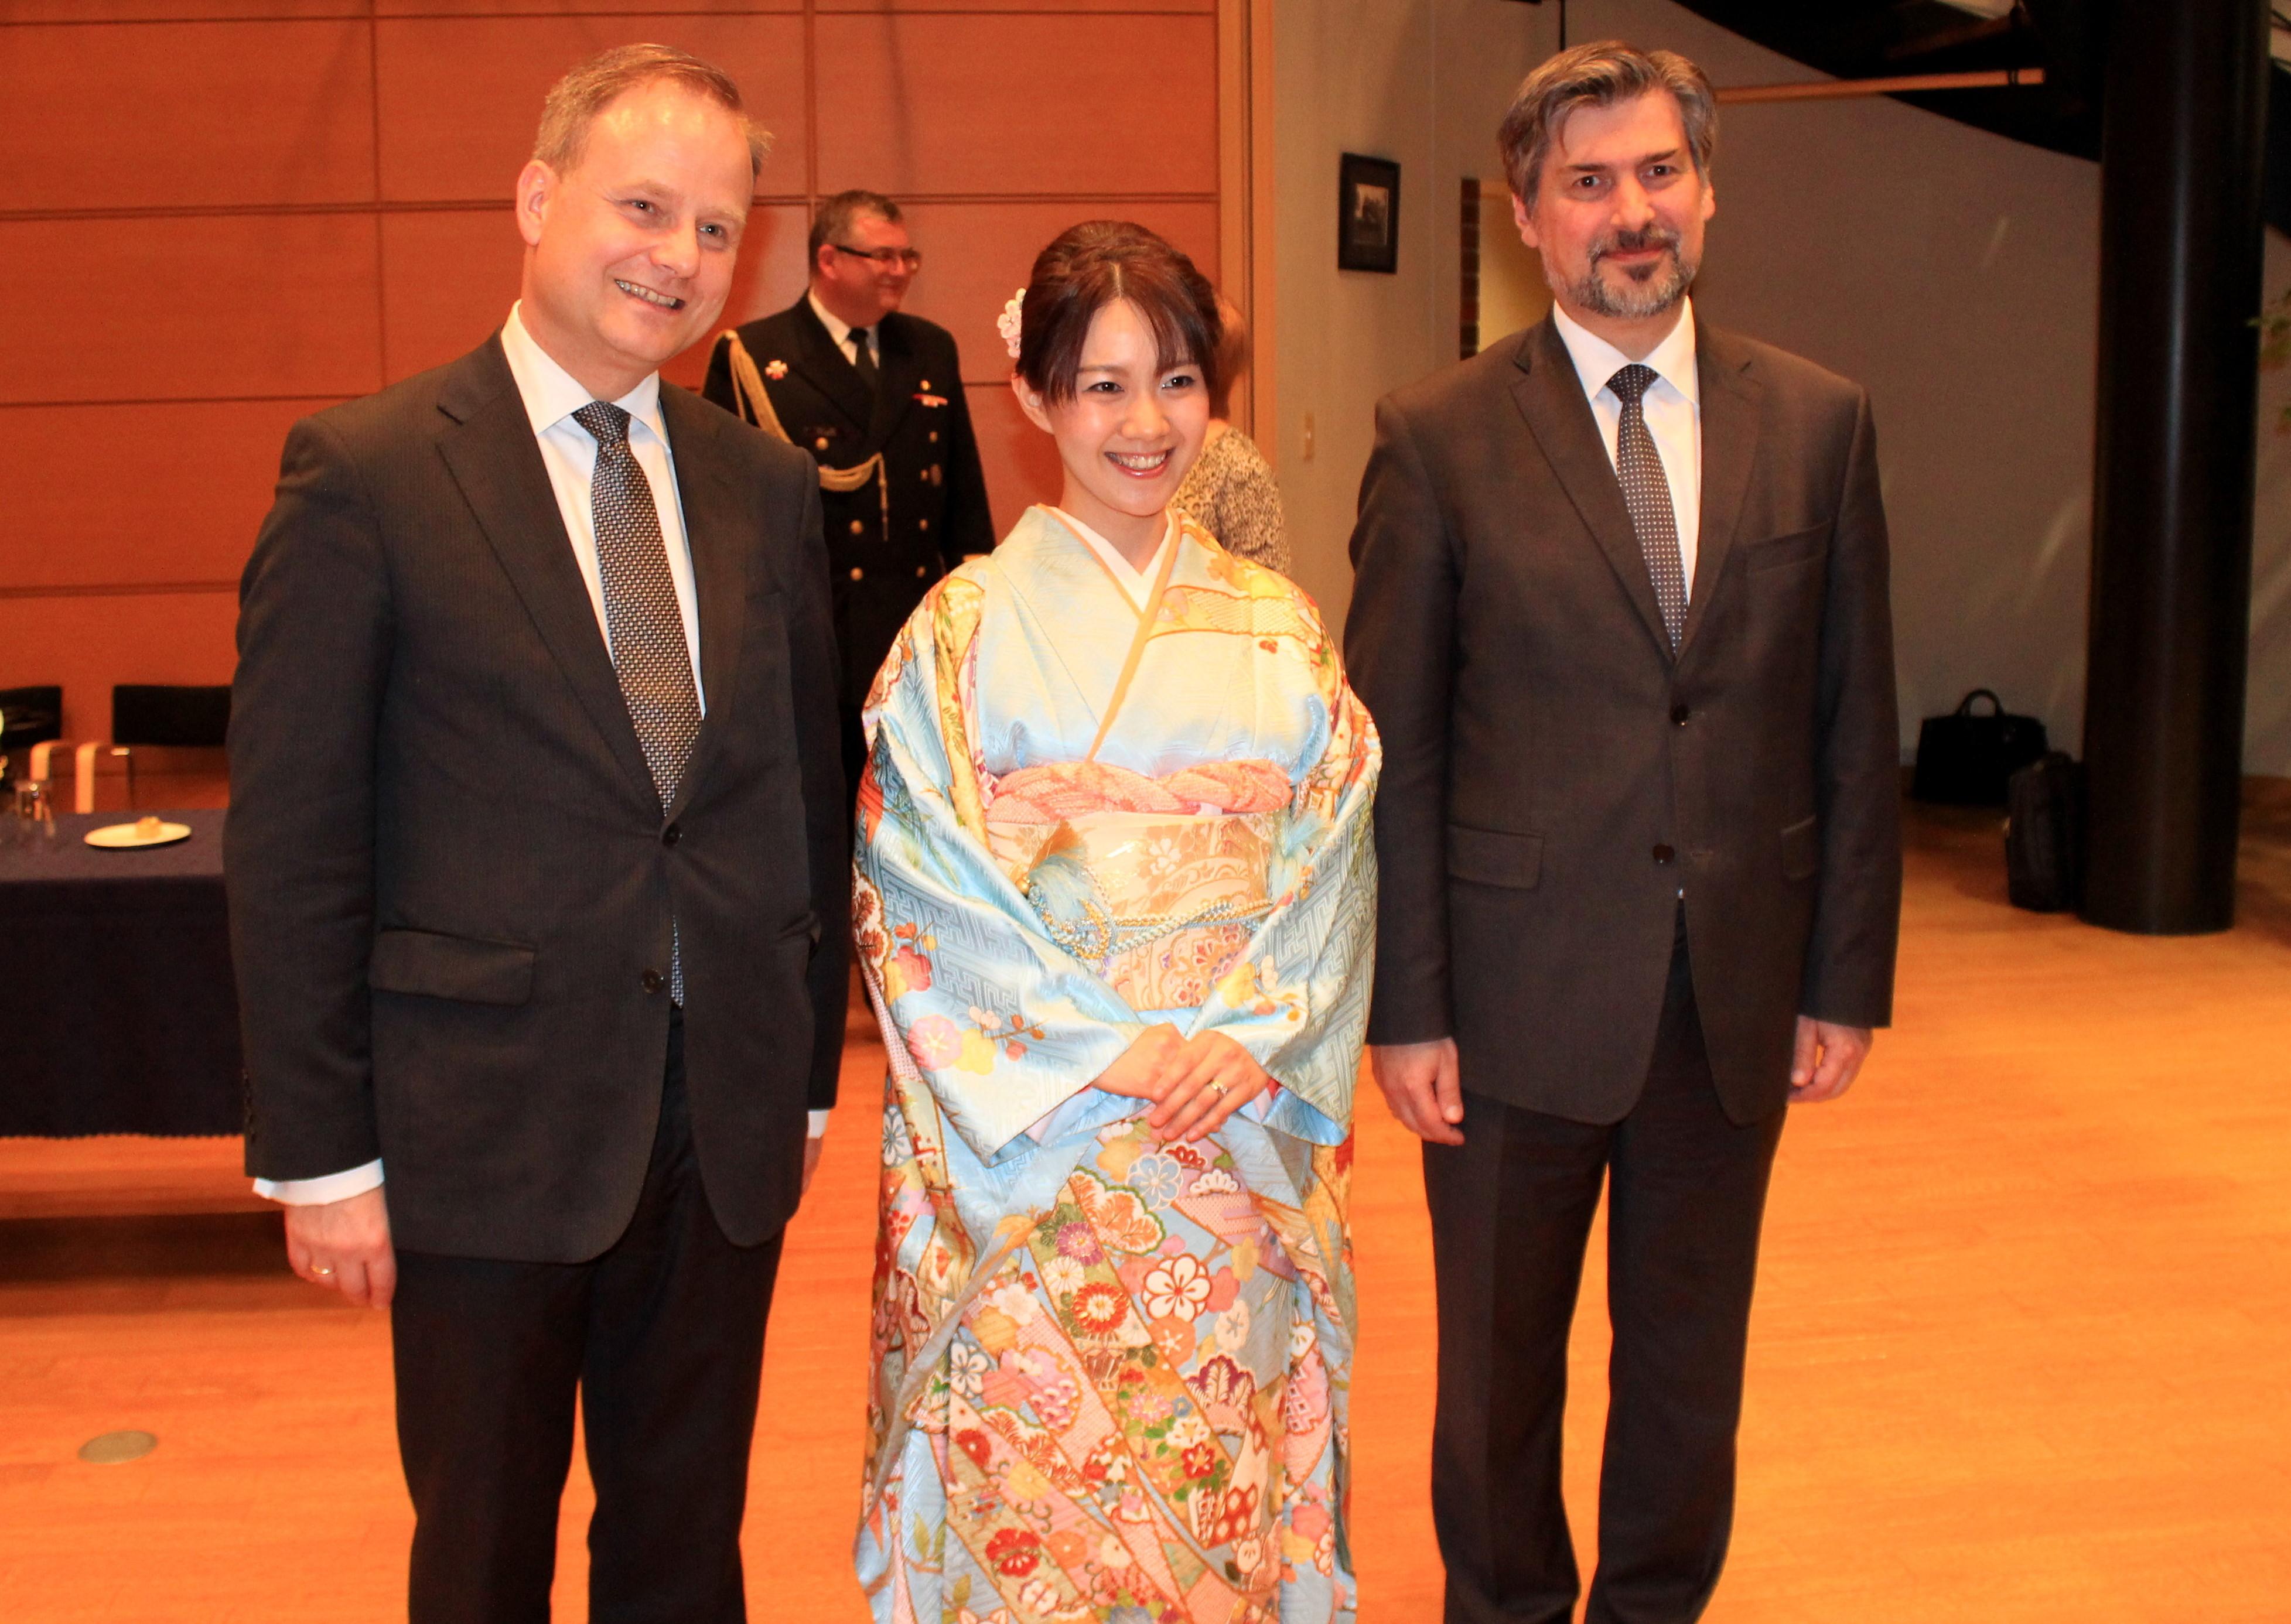 外務副大臣閣下、大使閣下と共に (ポーランド大使館)